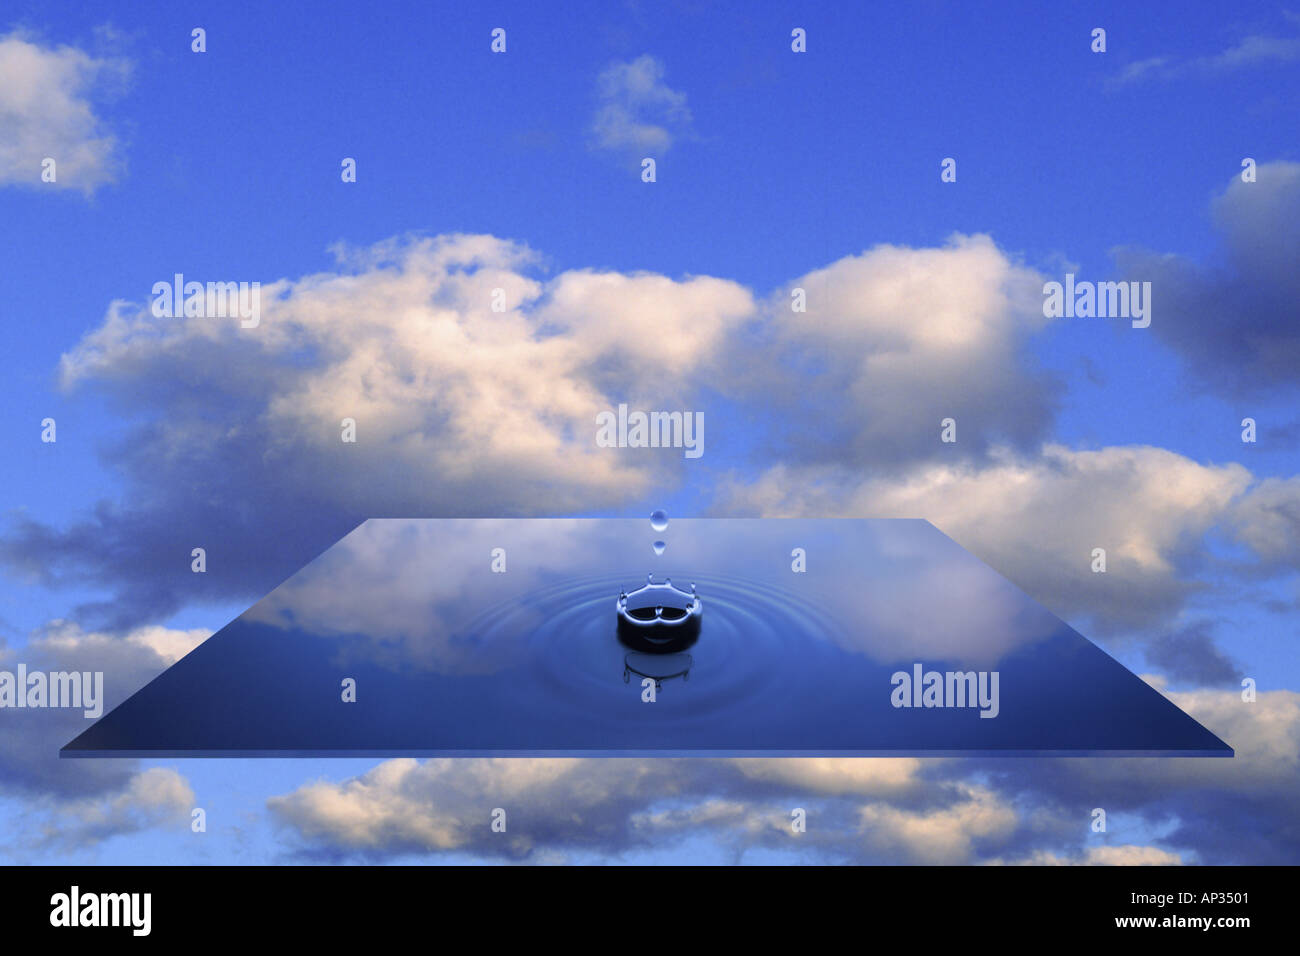 Concepto de agua Imagen De Stock